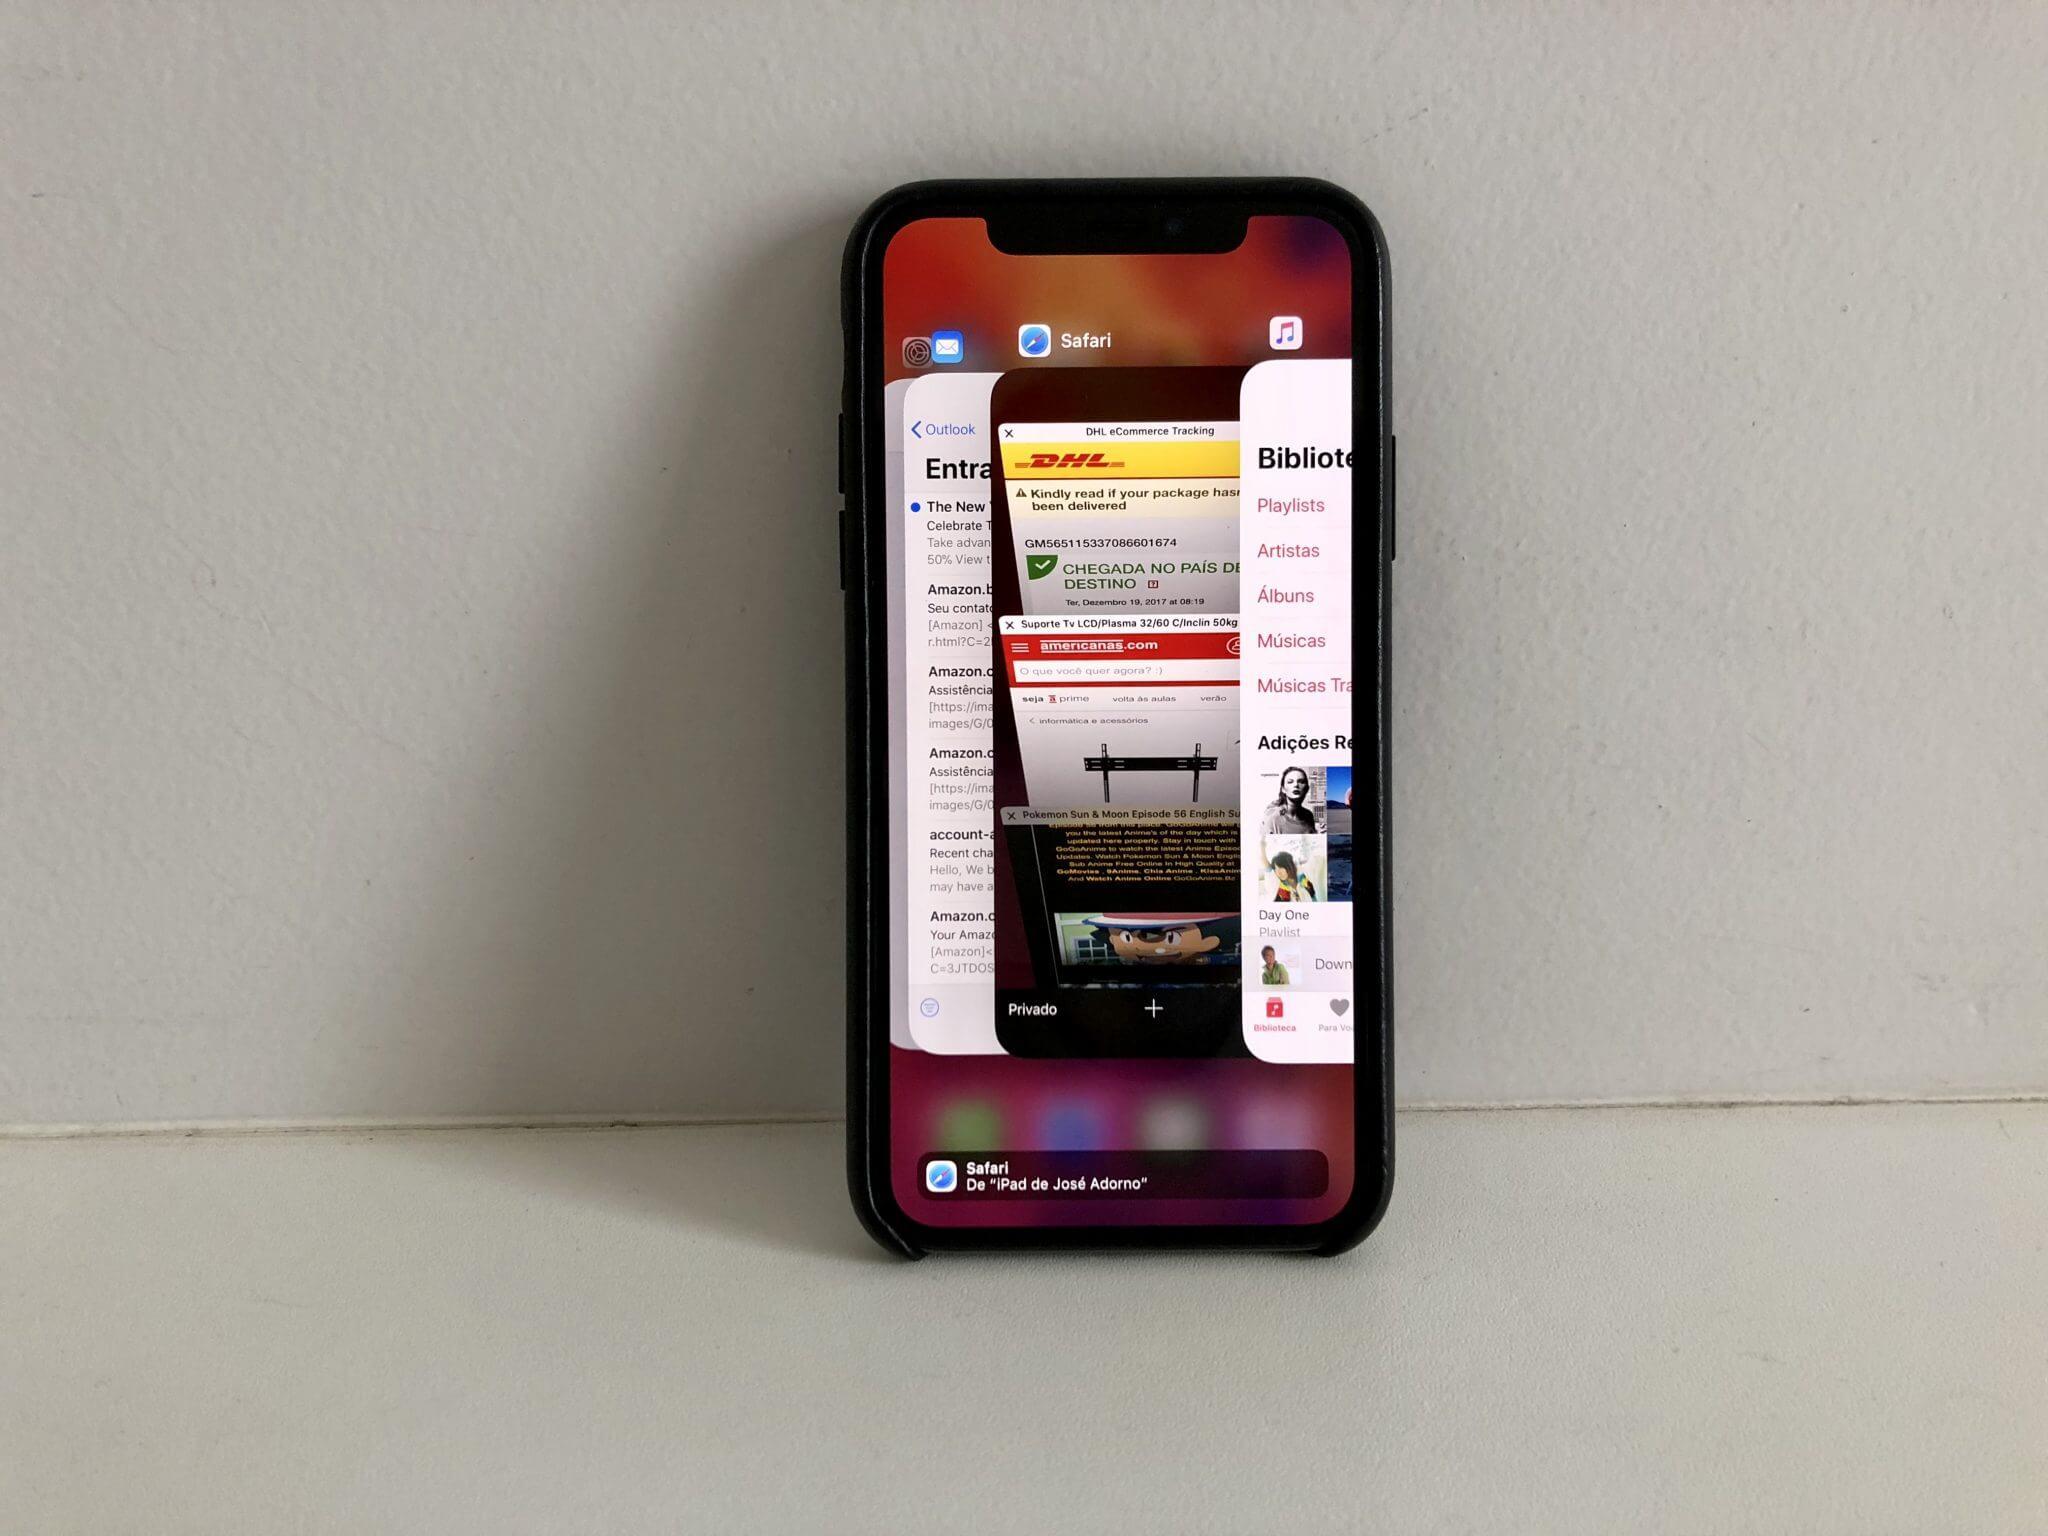 6A0F7CBB 450A 4F39 B1EF 0DFFC8128D9B - Tutorial: Como funcionam os gestos no iPhone X